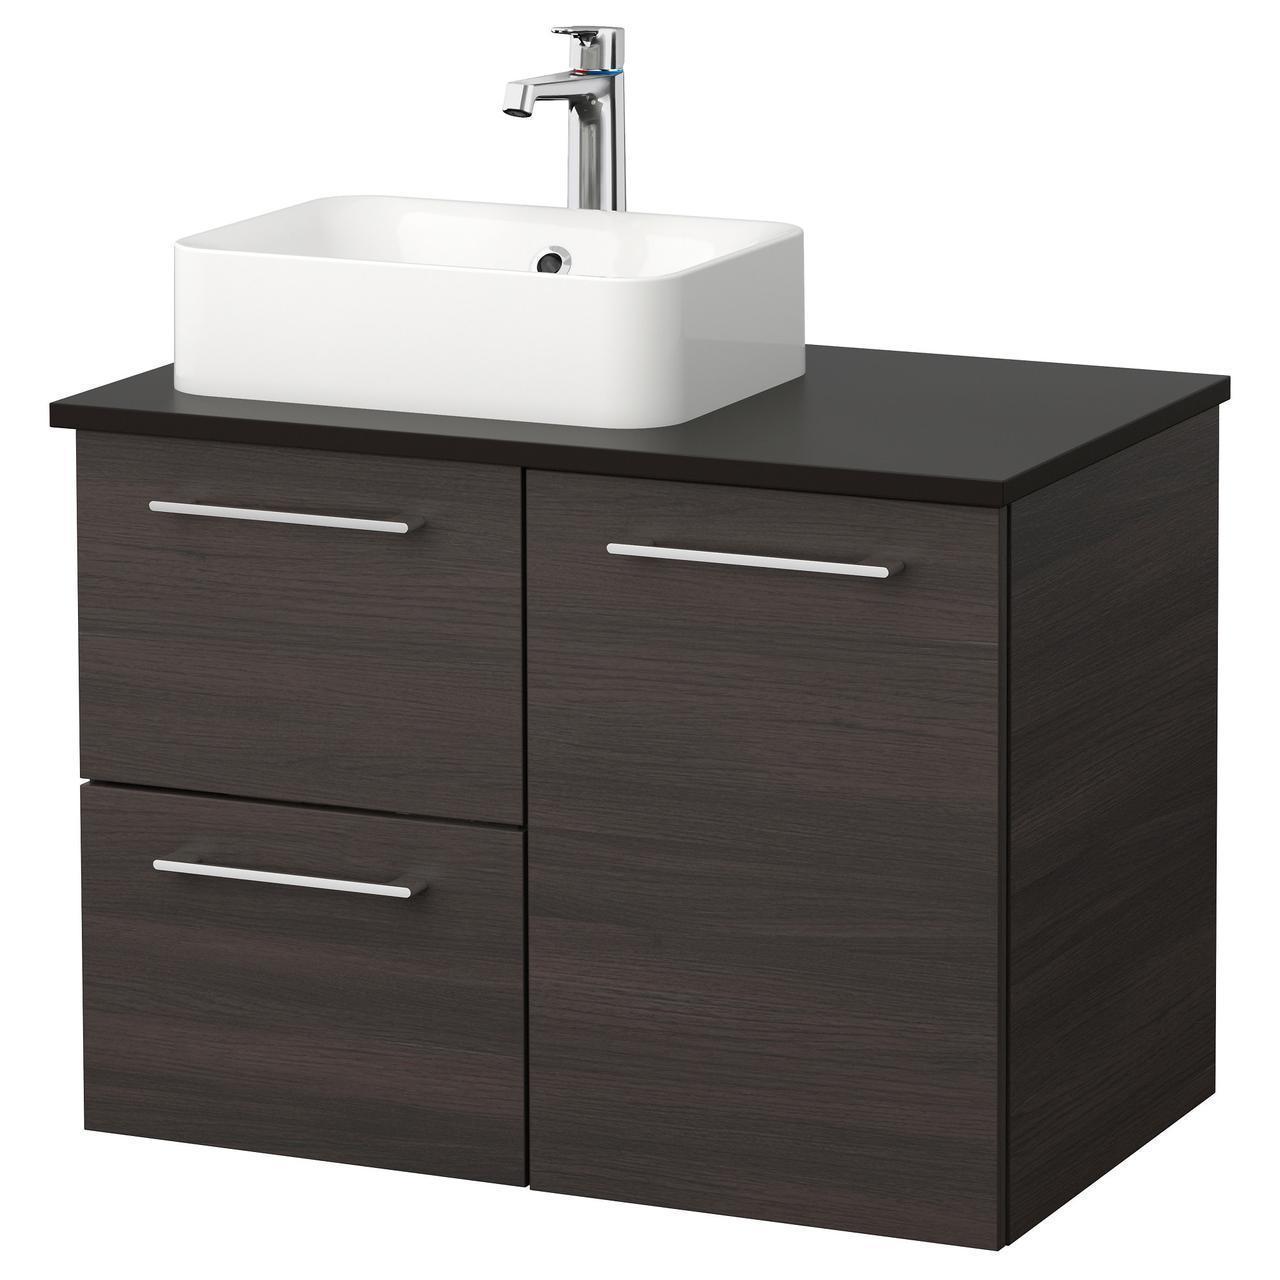 IKEA GODMORGON/TOLKEN/HORVIK Шкаф под умывальник с раковиной 45x32, черно-коричневый, антрацит  (592.080.03)